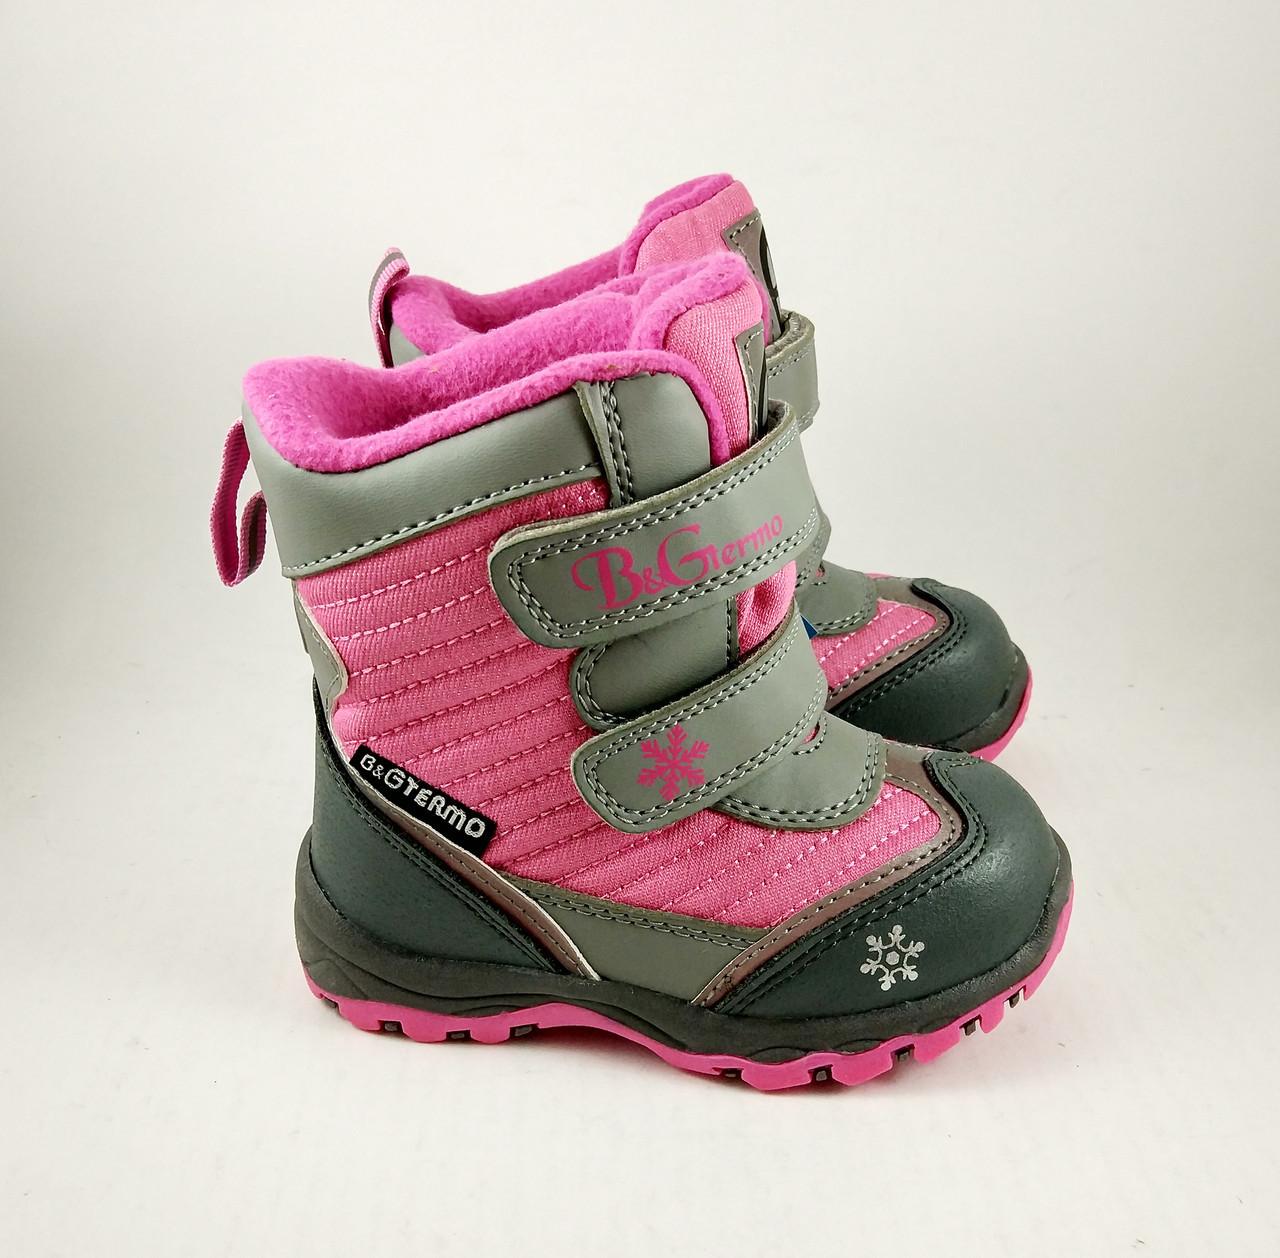 50c48c24aed30b Термоботинки B&G-Termo для девочек, зимняя обувь детская, розовые - BesTime  - интернет